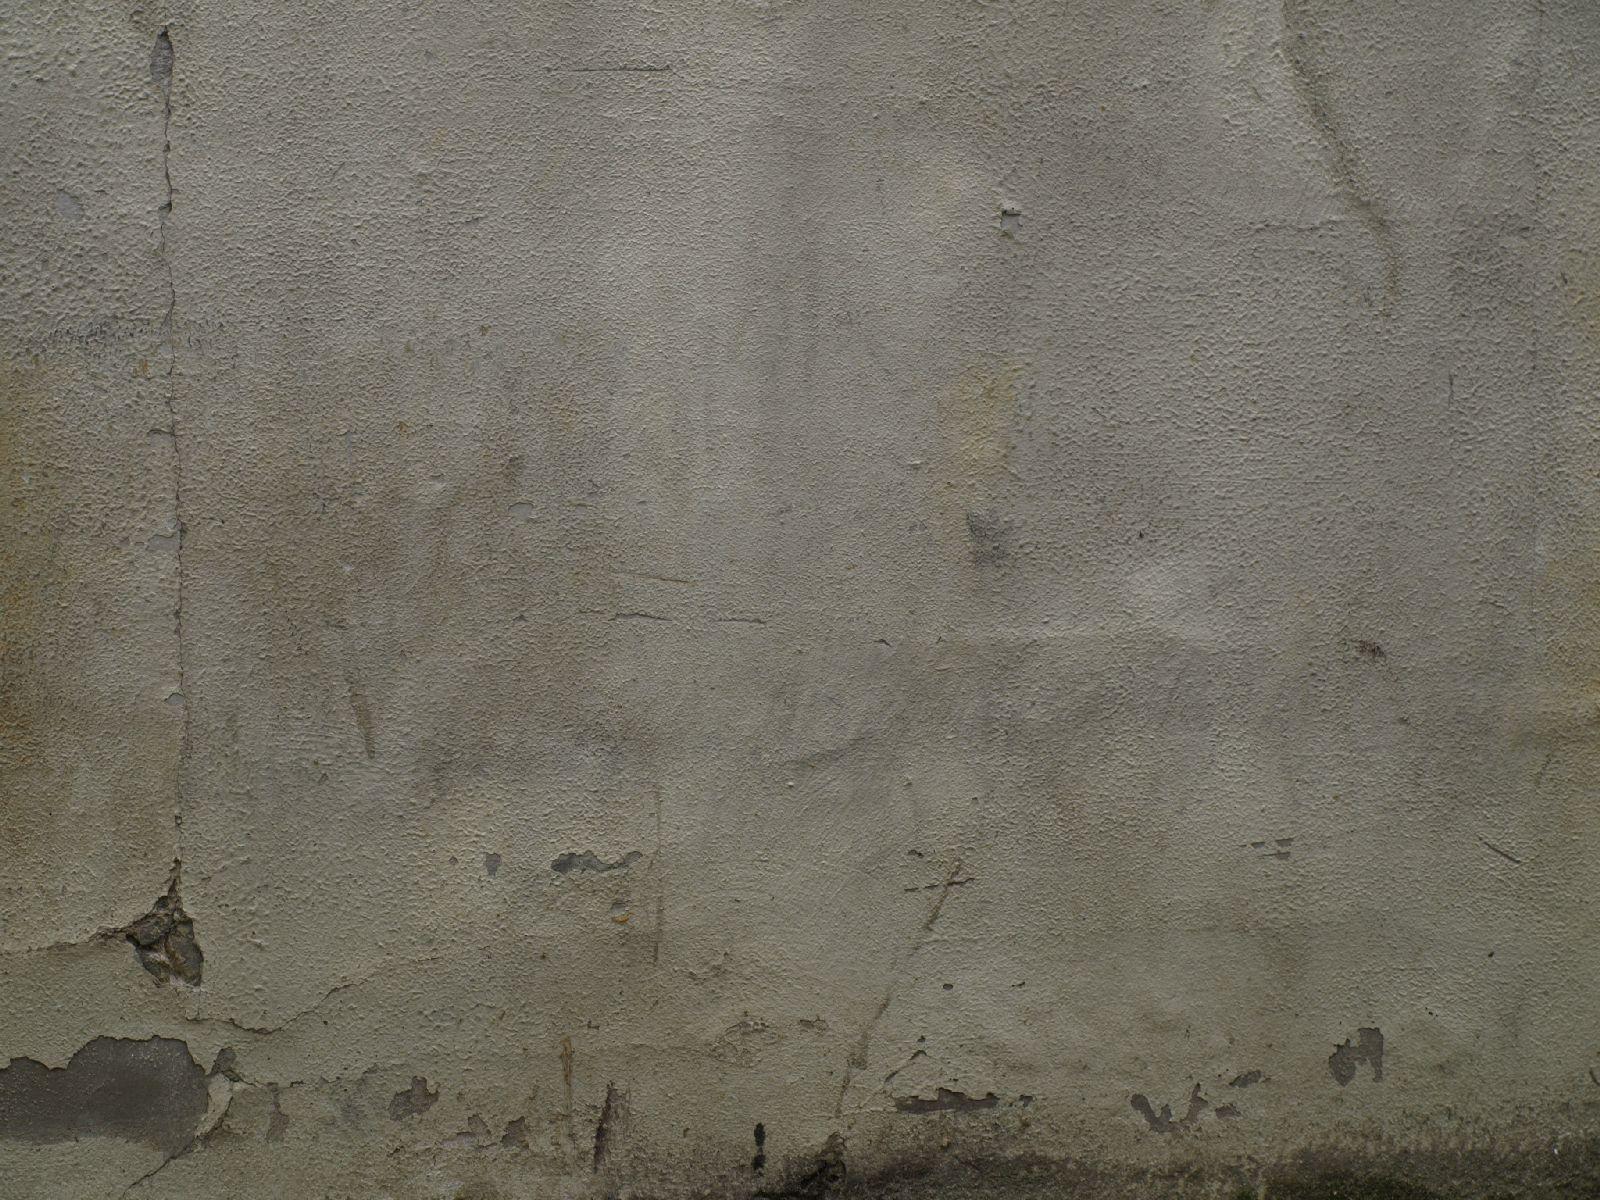 Grunge-Dreck_Textur_A_P4131104